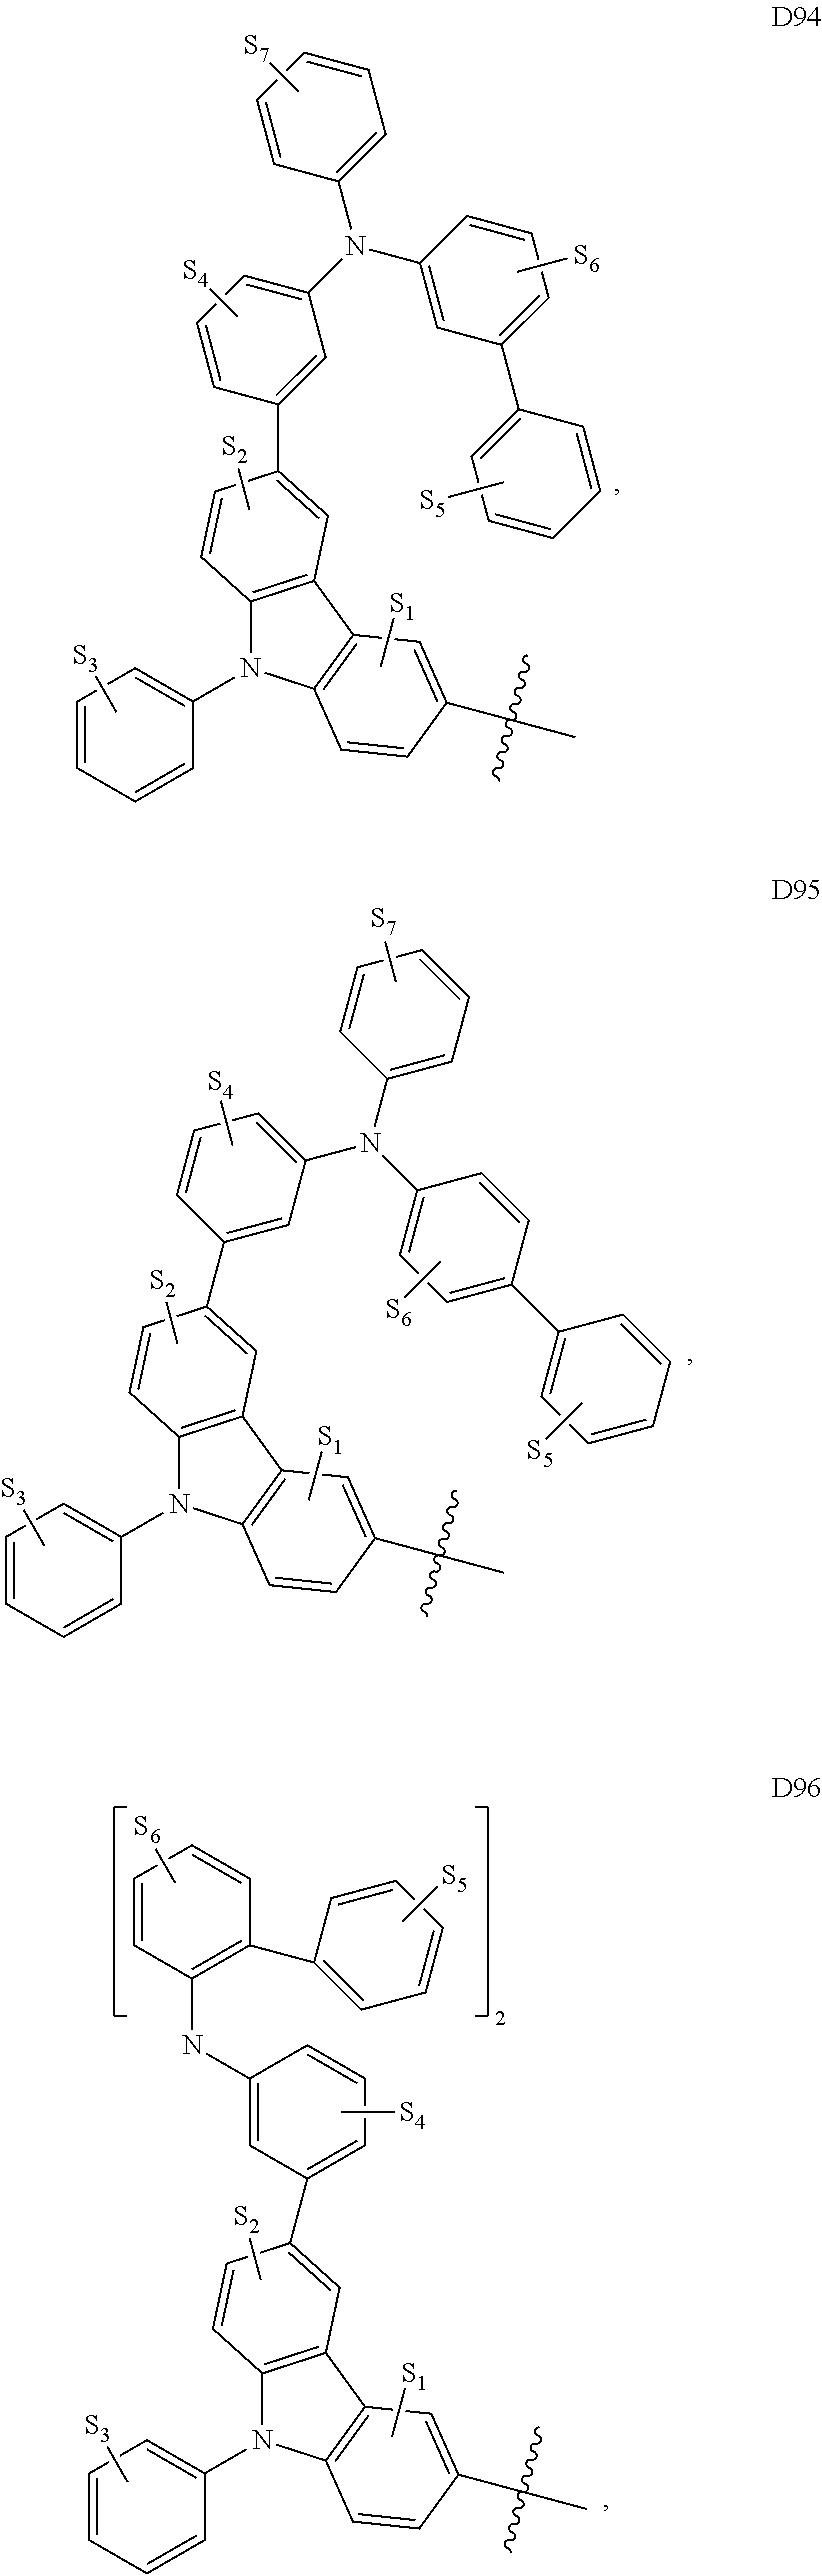 Figure US09537106-20170103-C00038